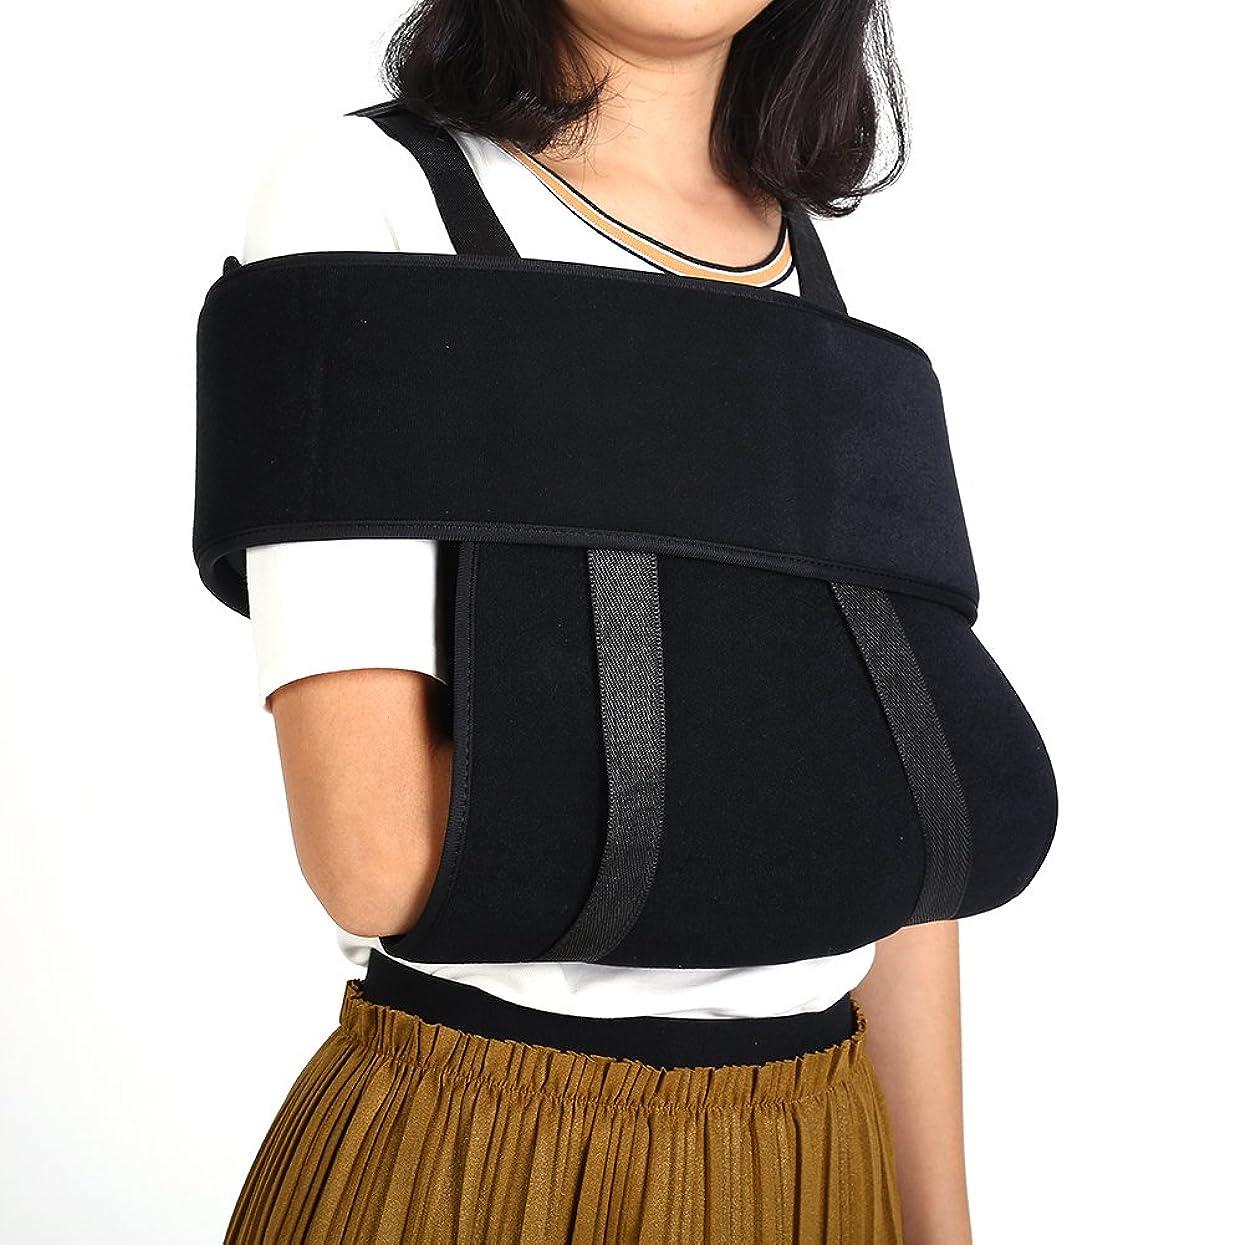 ナプキン素晴らしい特権的アームスリング 腕つり用サポーター 腕骨折?脱臼時ギプス固定 カフと肘サポート (イモビライザー?バンド付) 調整可能 左右対応 男女兼用